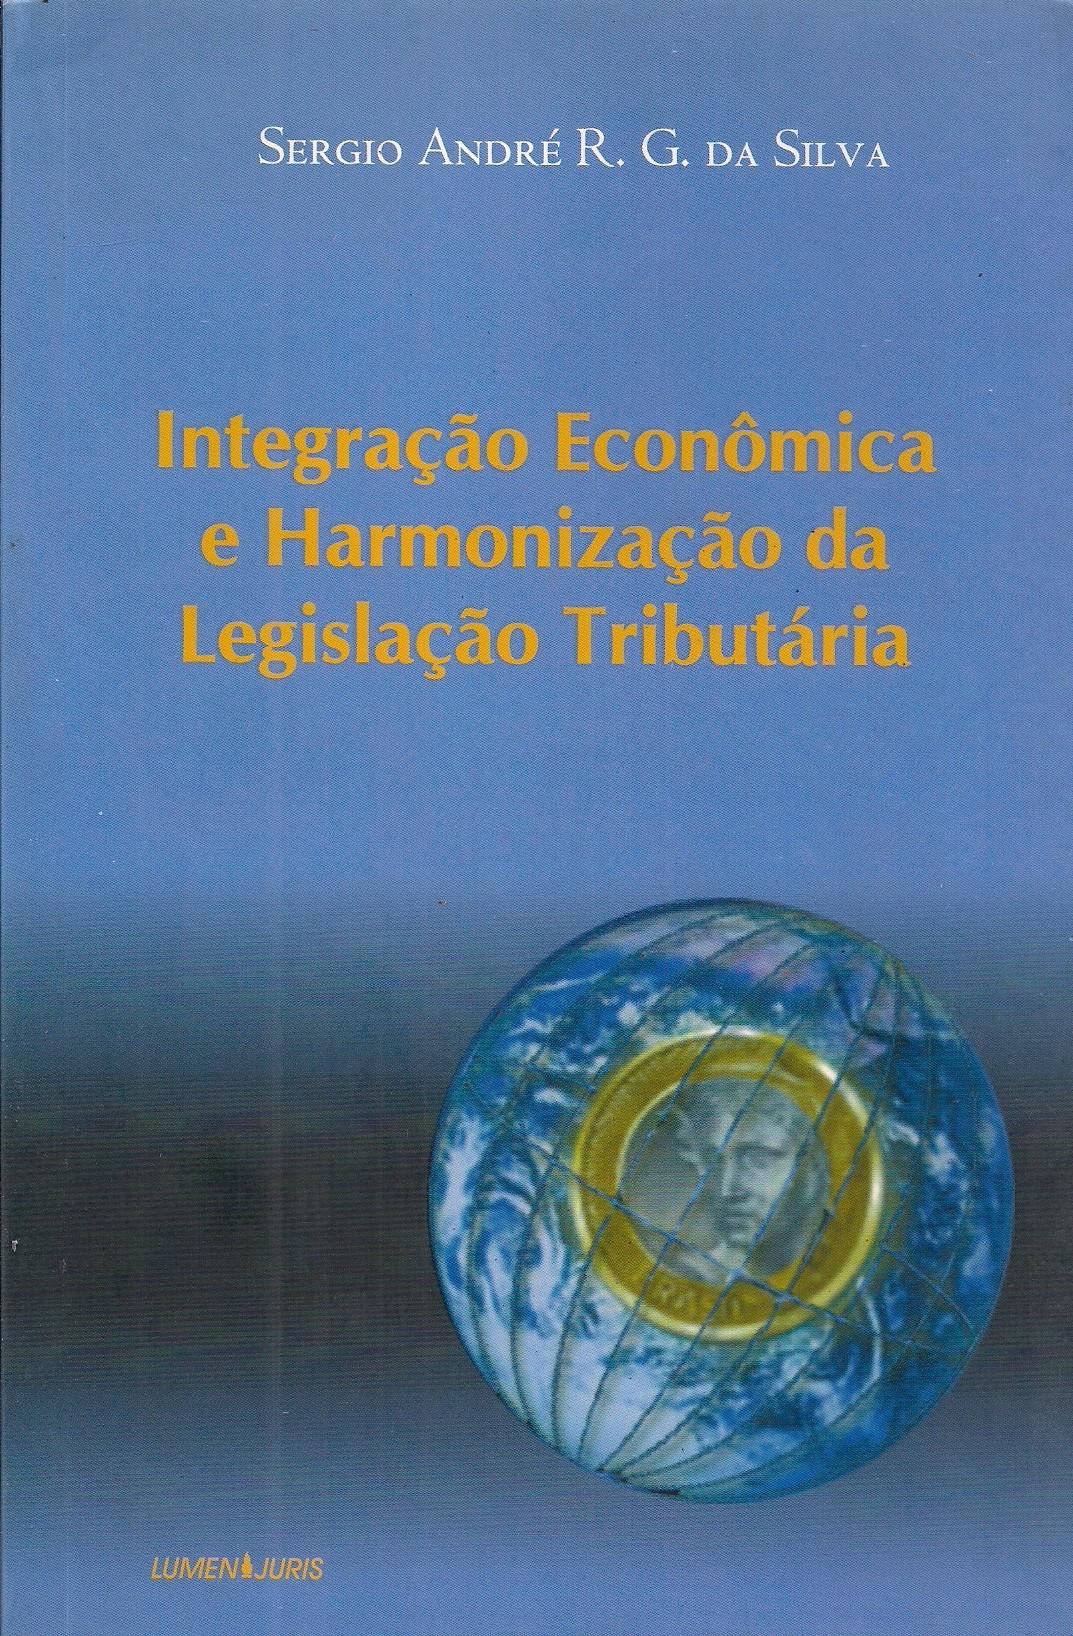 Foto 1 - Integração Econômica e Harmonização da Legislação Tributária